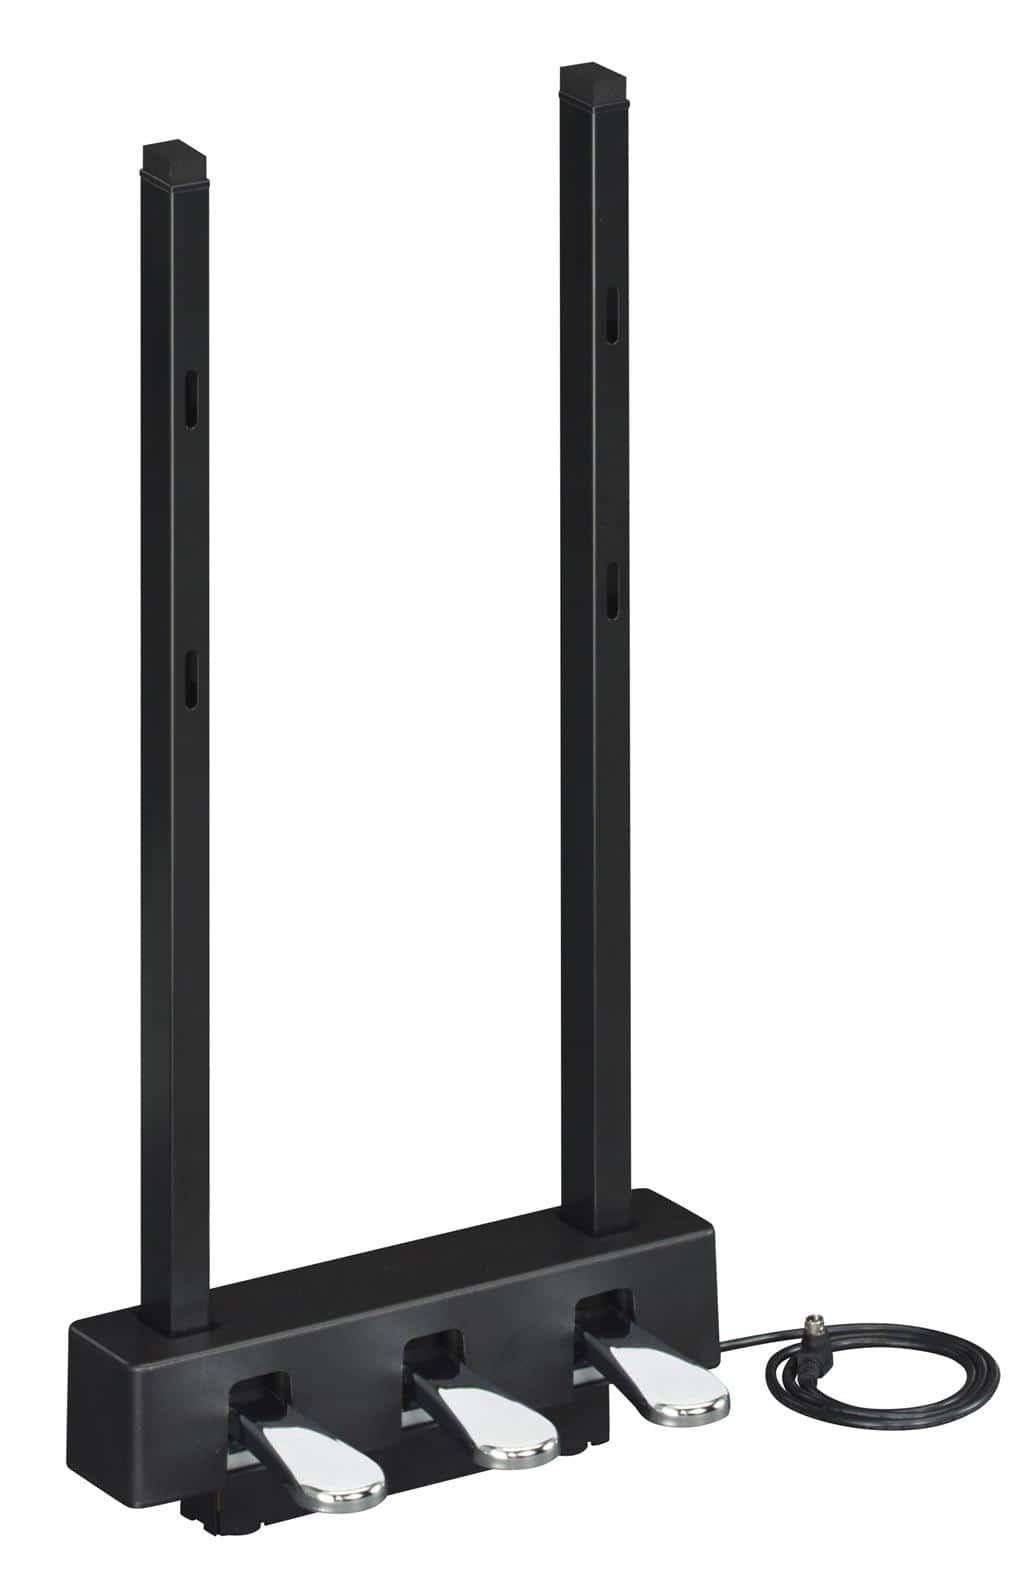 Fussschalterpedale - Yamaha LP 1B Pedaleinheit für P 125B und P 515B Schwarz - Onlineshop Musikhaus Kirstein